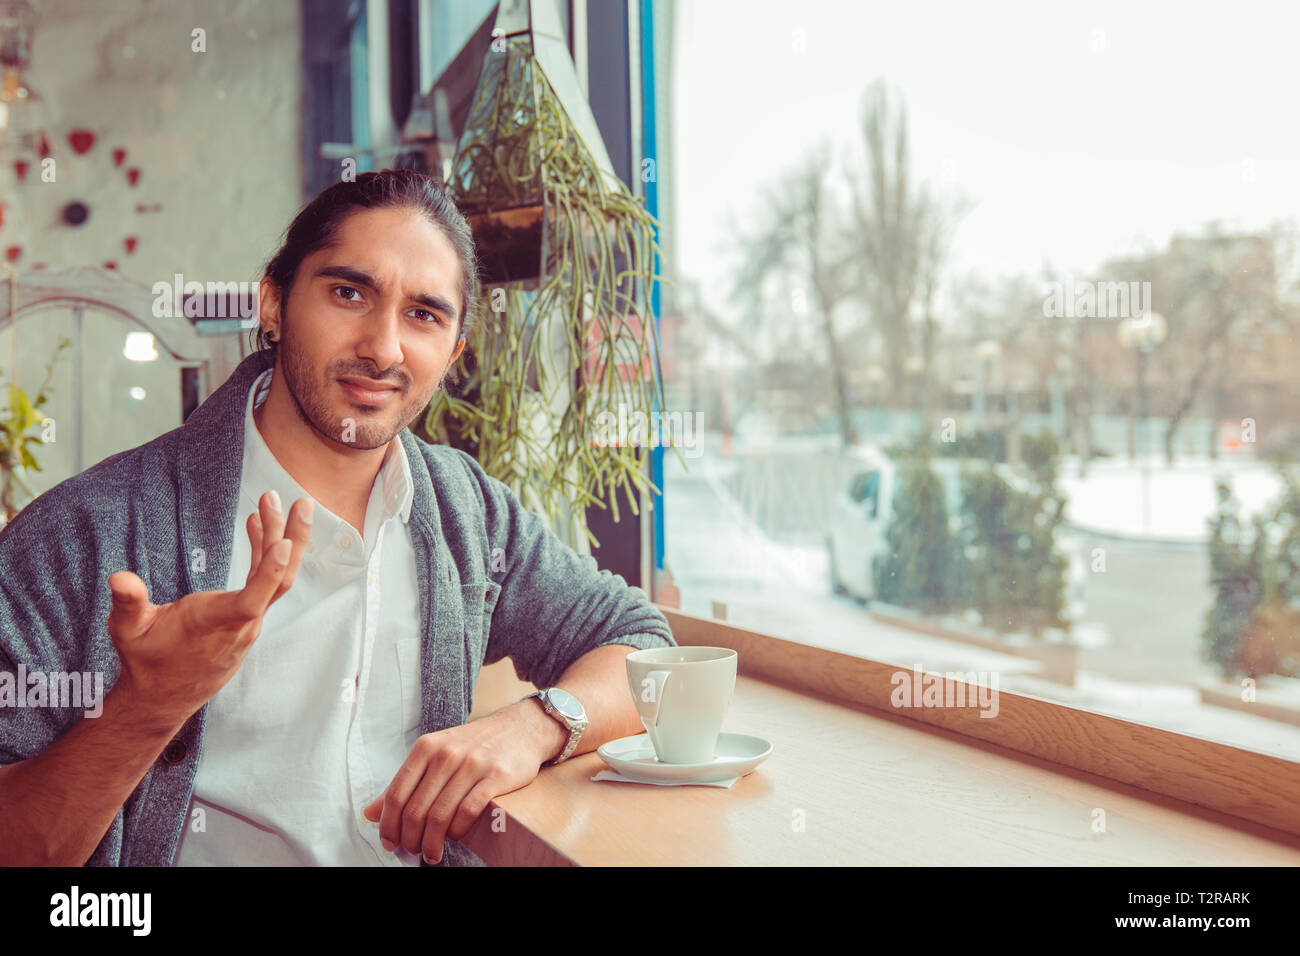 Frustrado el hombre gesticula ¿qué quieres de mí, entonces, ¿qué, no sé. Closeup retrato de un guapo muchacho indio turco vistiendo la camiseta blanca, gris Imagen De Stock